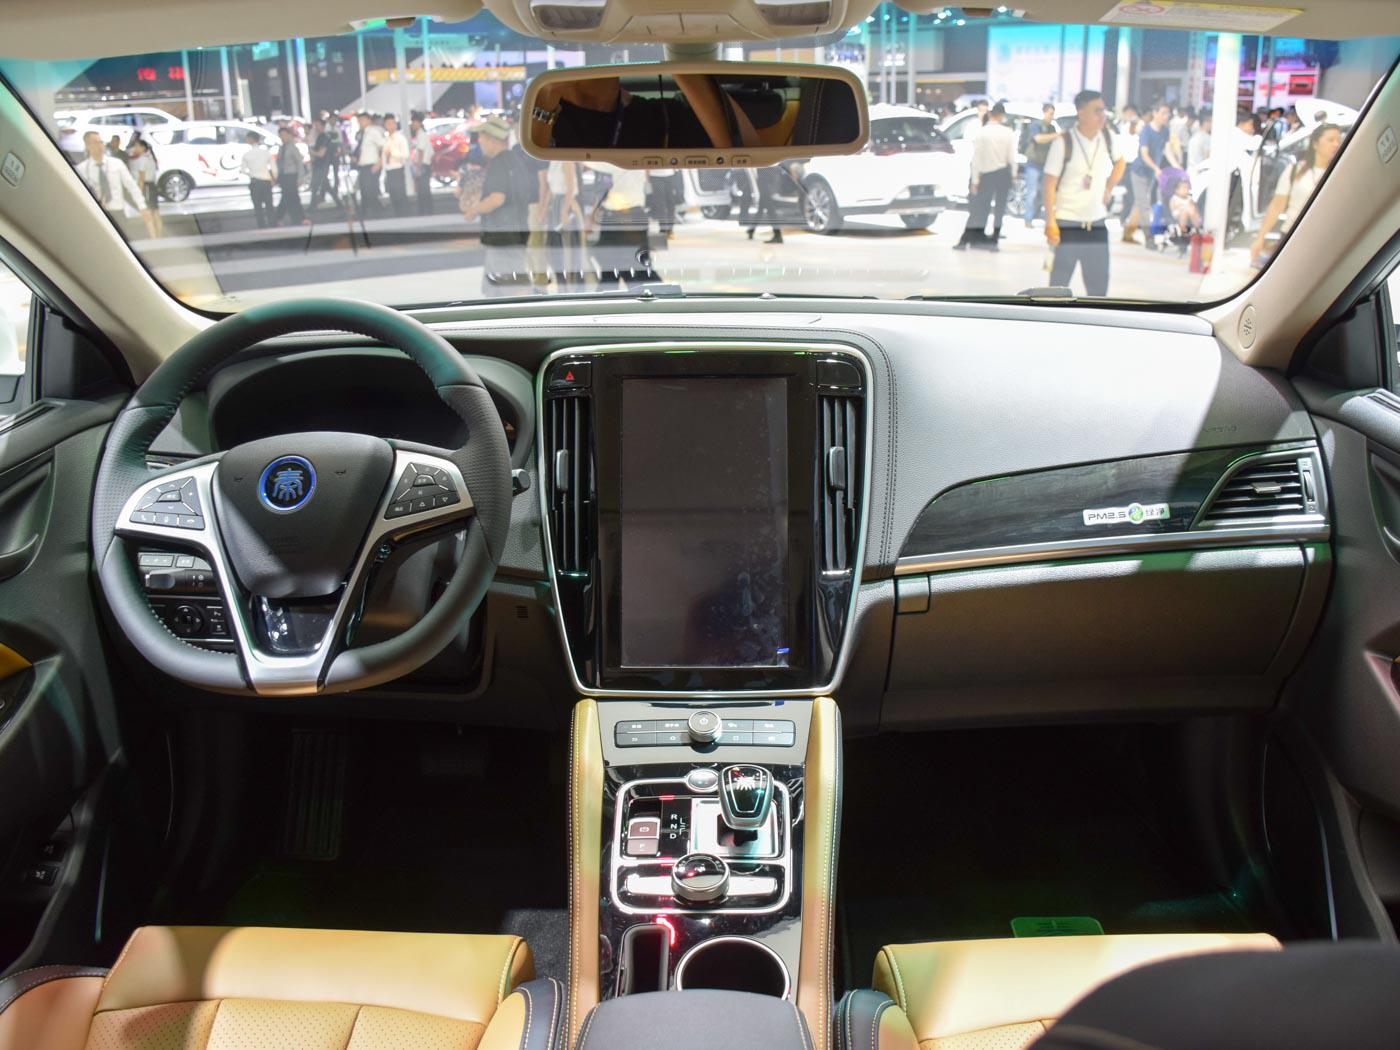 价格不贵实力不俗,12万起这3款车最适合赚钱致富?